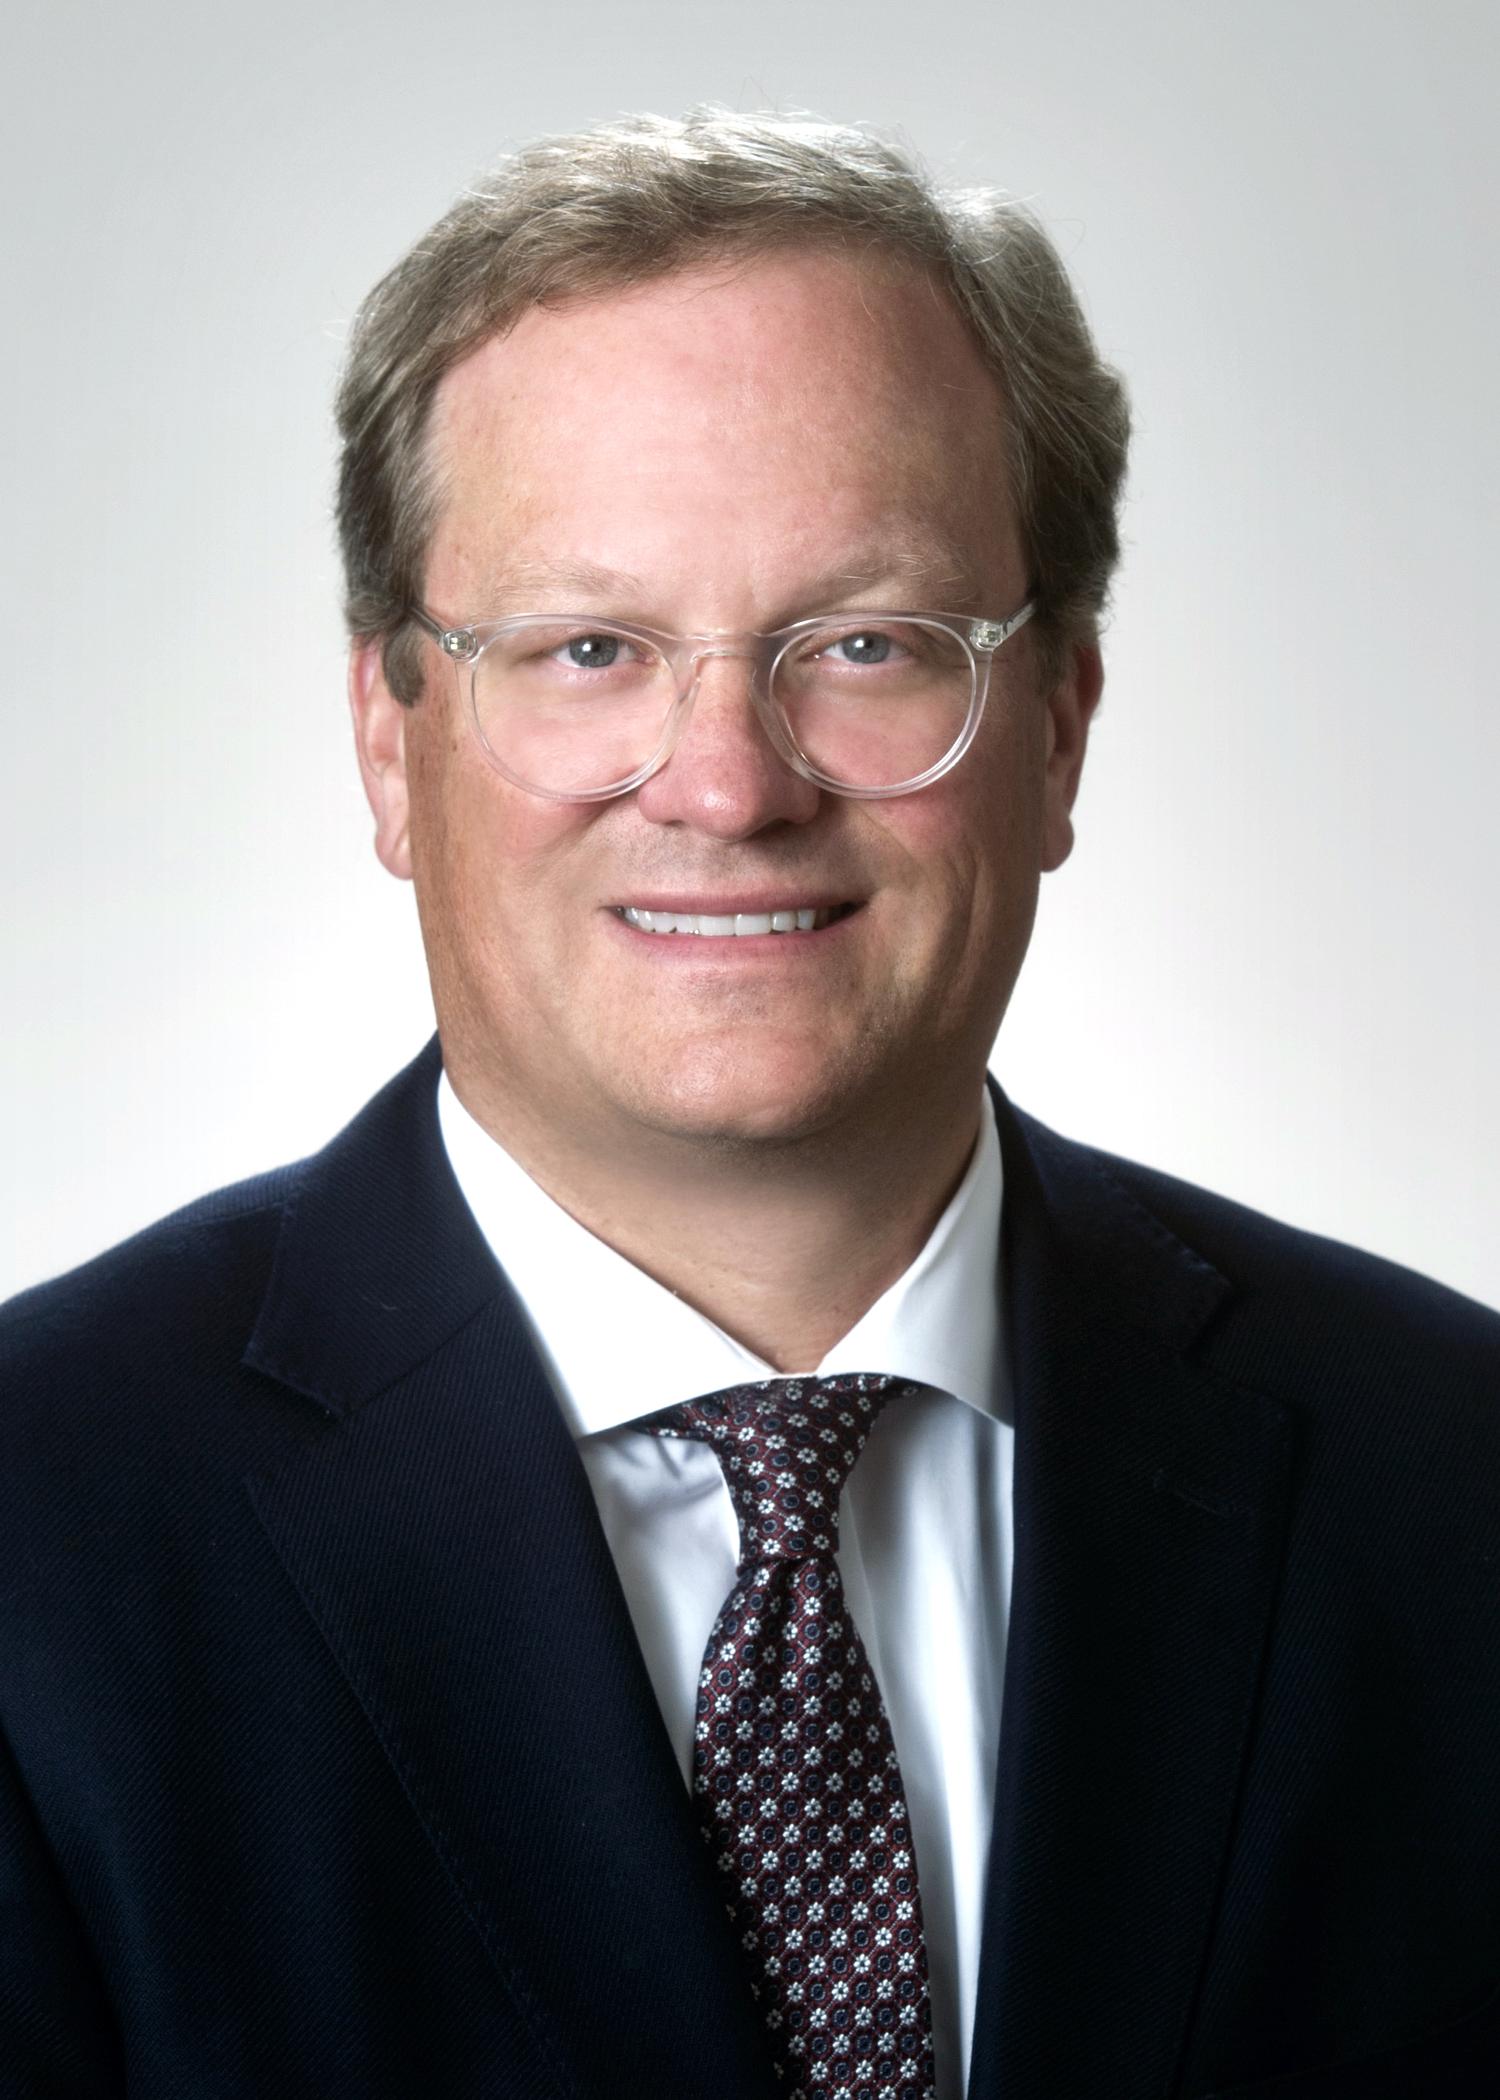 Michael A. Vercher